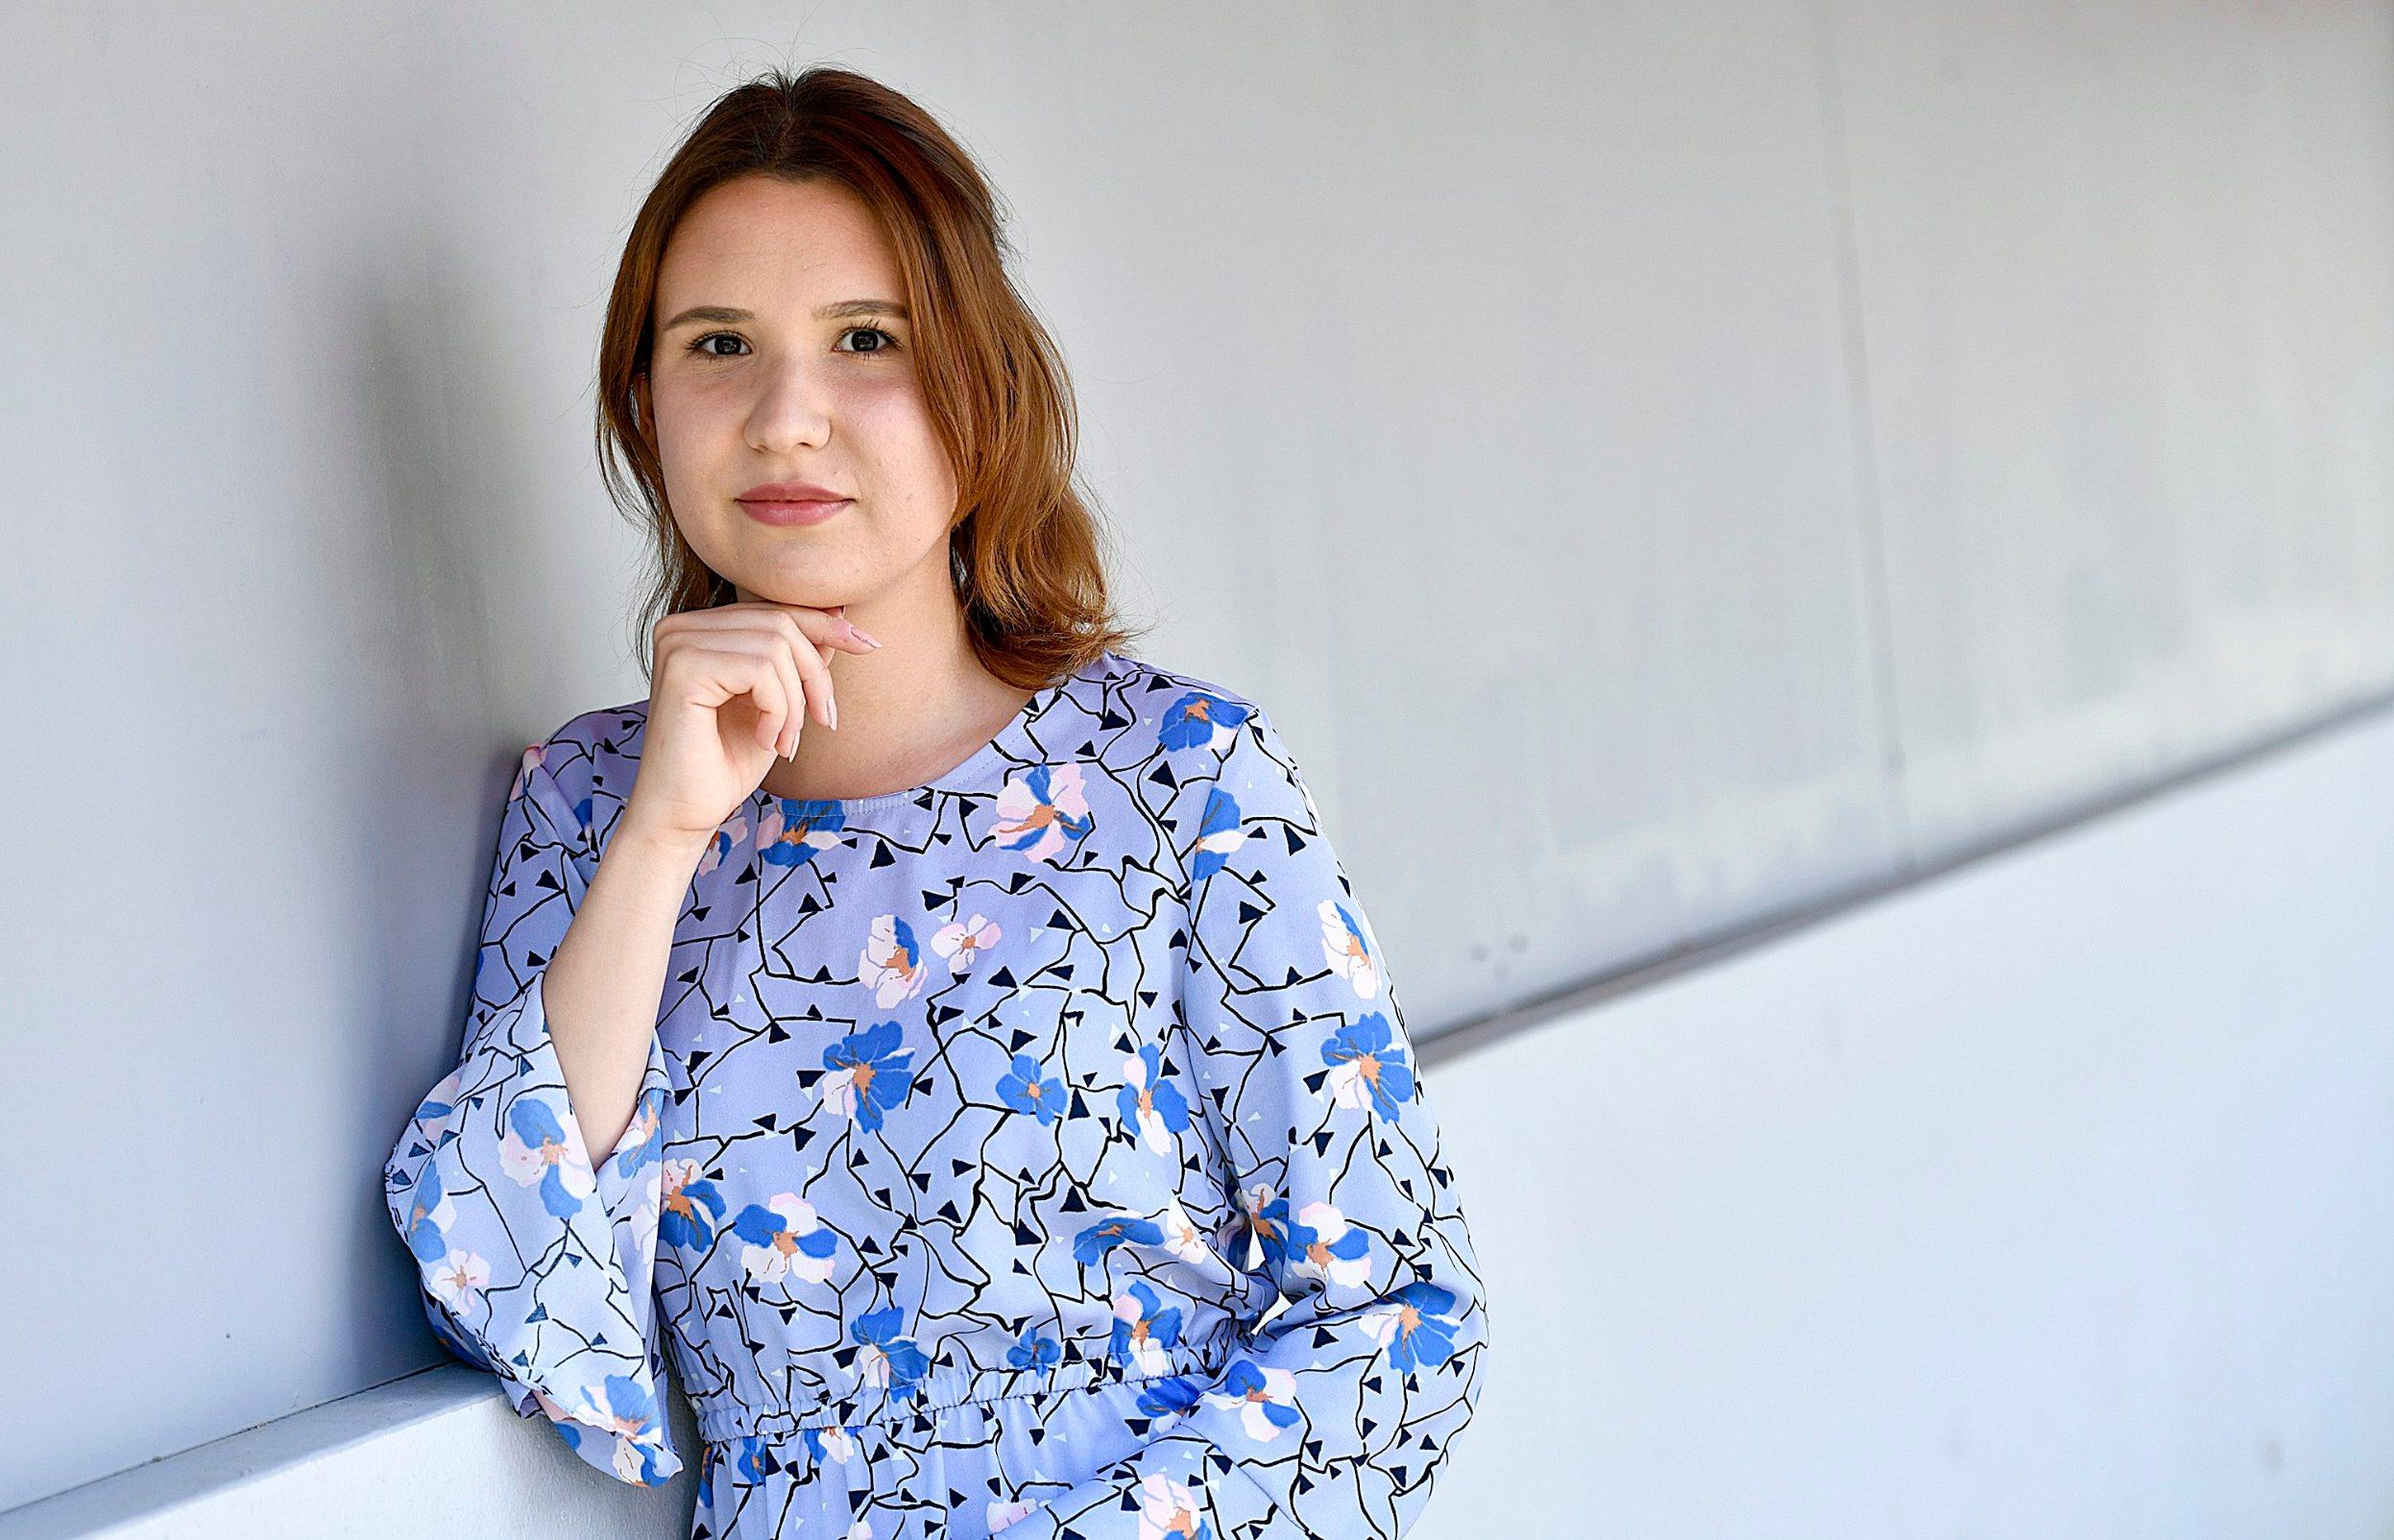 -Jutarnji list- Zagreb, 240420. Trg Kresimira Cosica. Ena Katarina Haler, mlada spisateljica. Foto: Ronald Gorsic / CROPIX